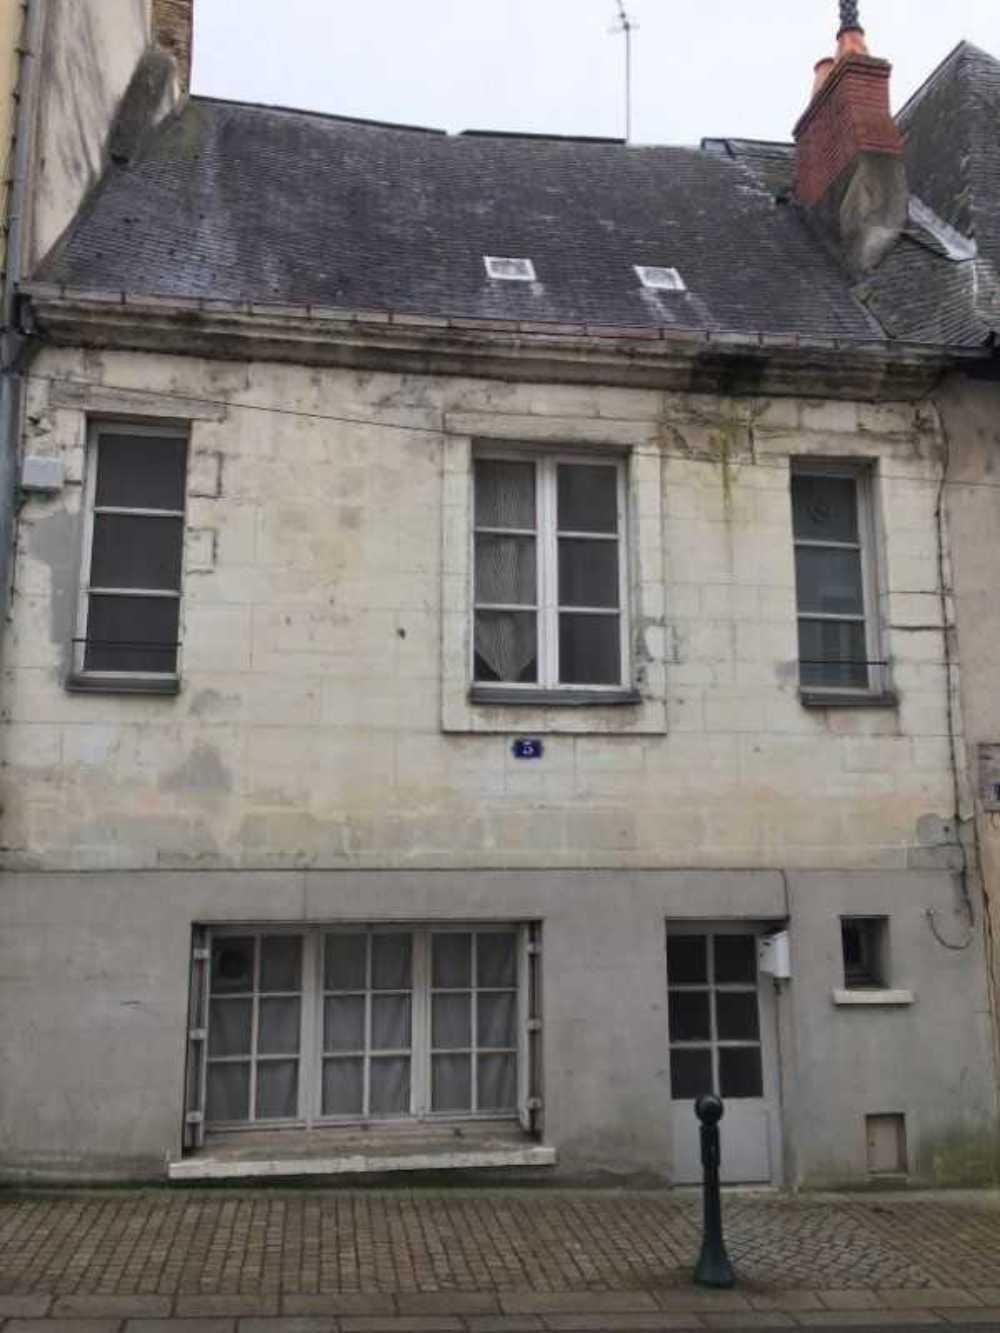 Château-Gontier Mayenne Schloss Bild 3799906